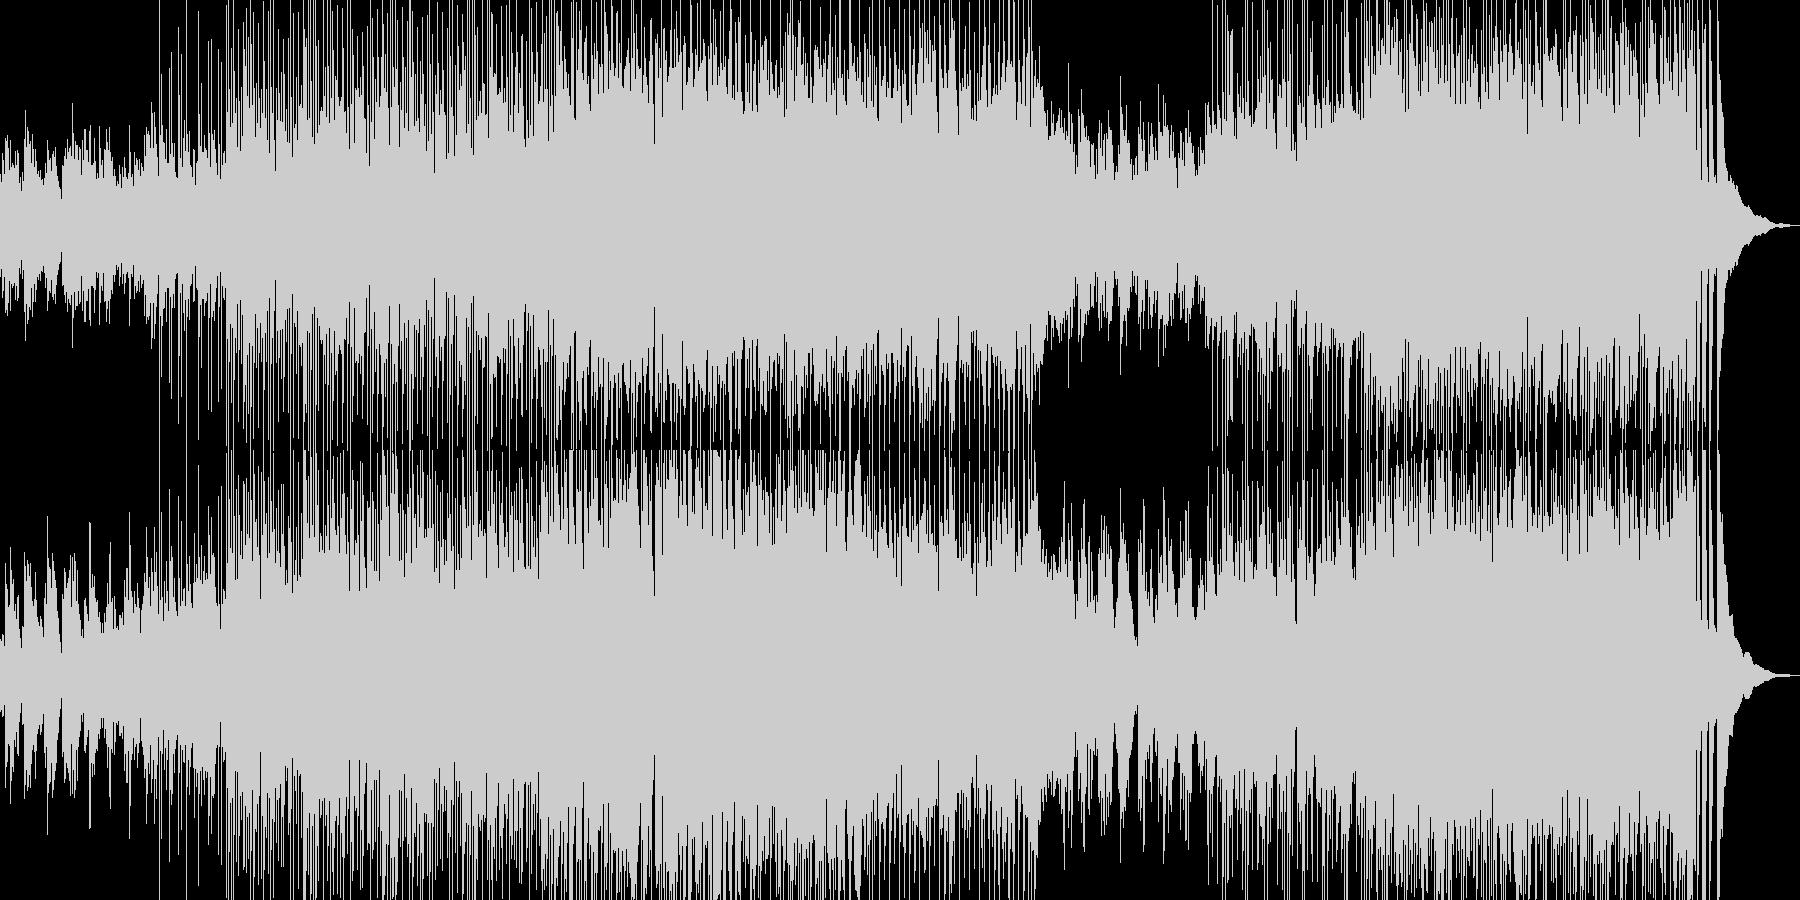 明るく前向きなアコースティックポップの未再生の波形